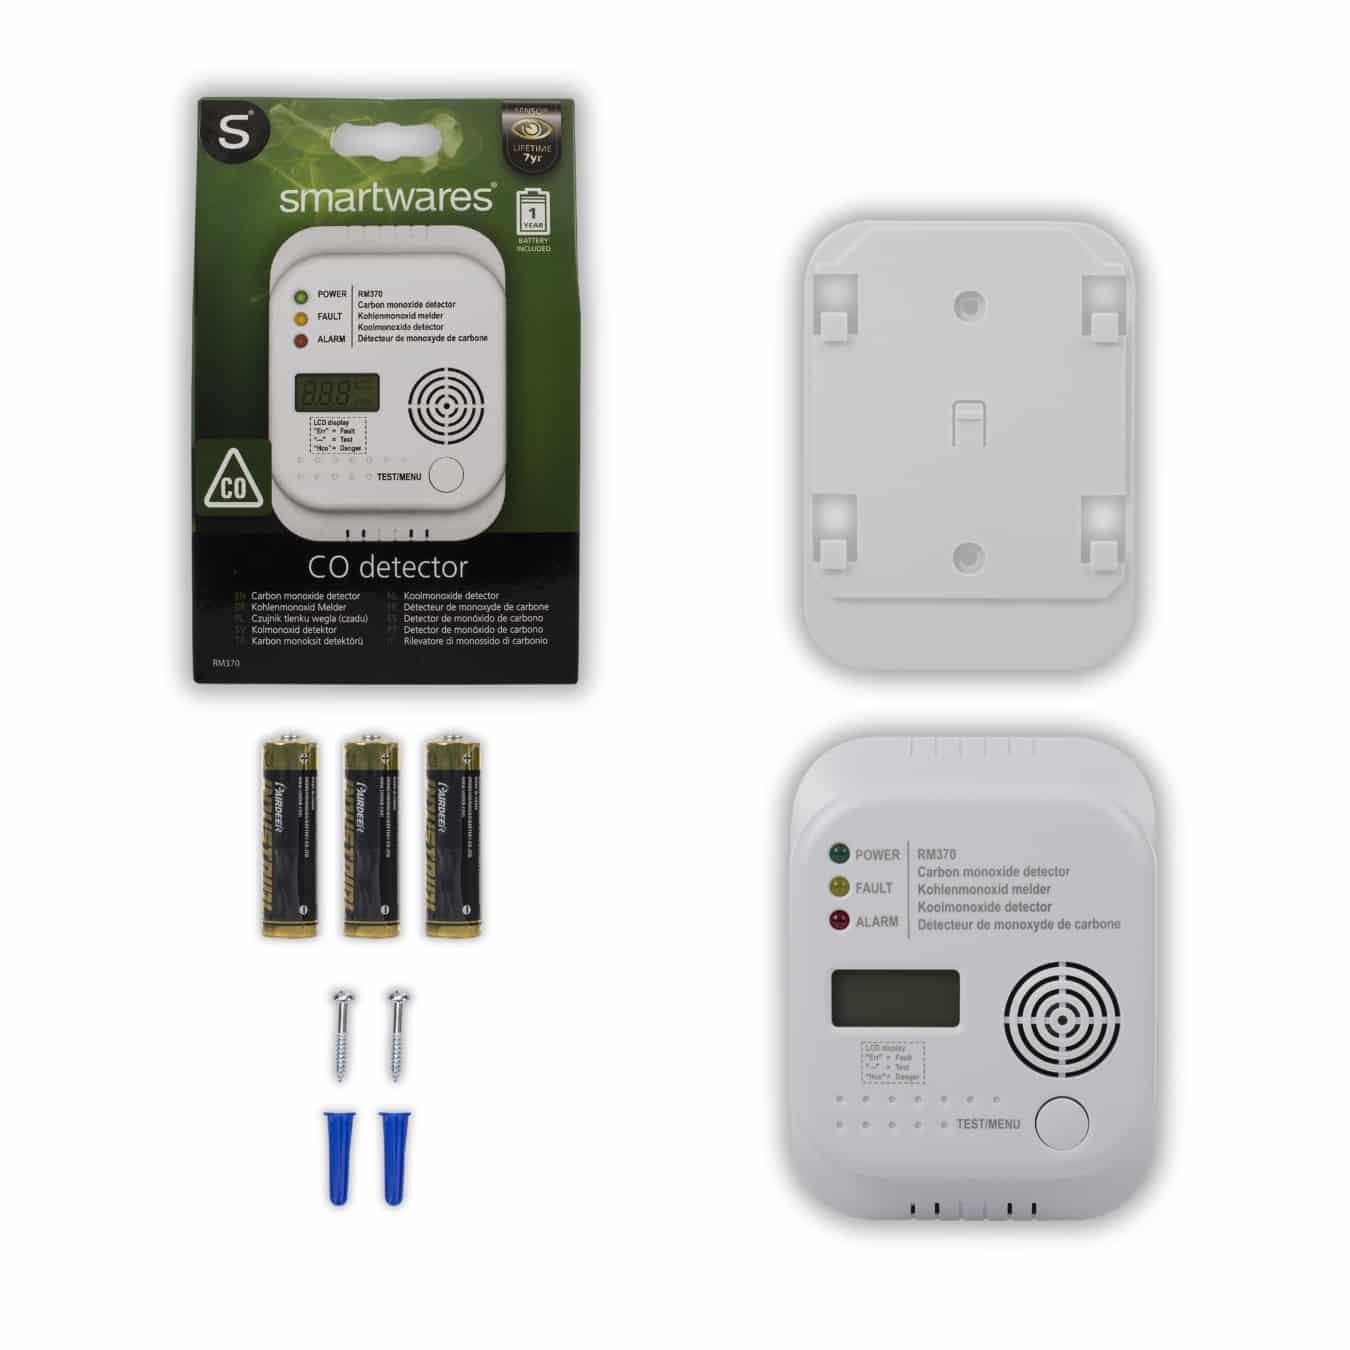 Koop Smartwares RM370 Koolmonoxidemelder